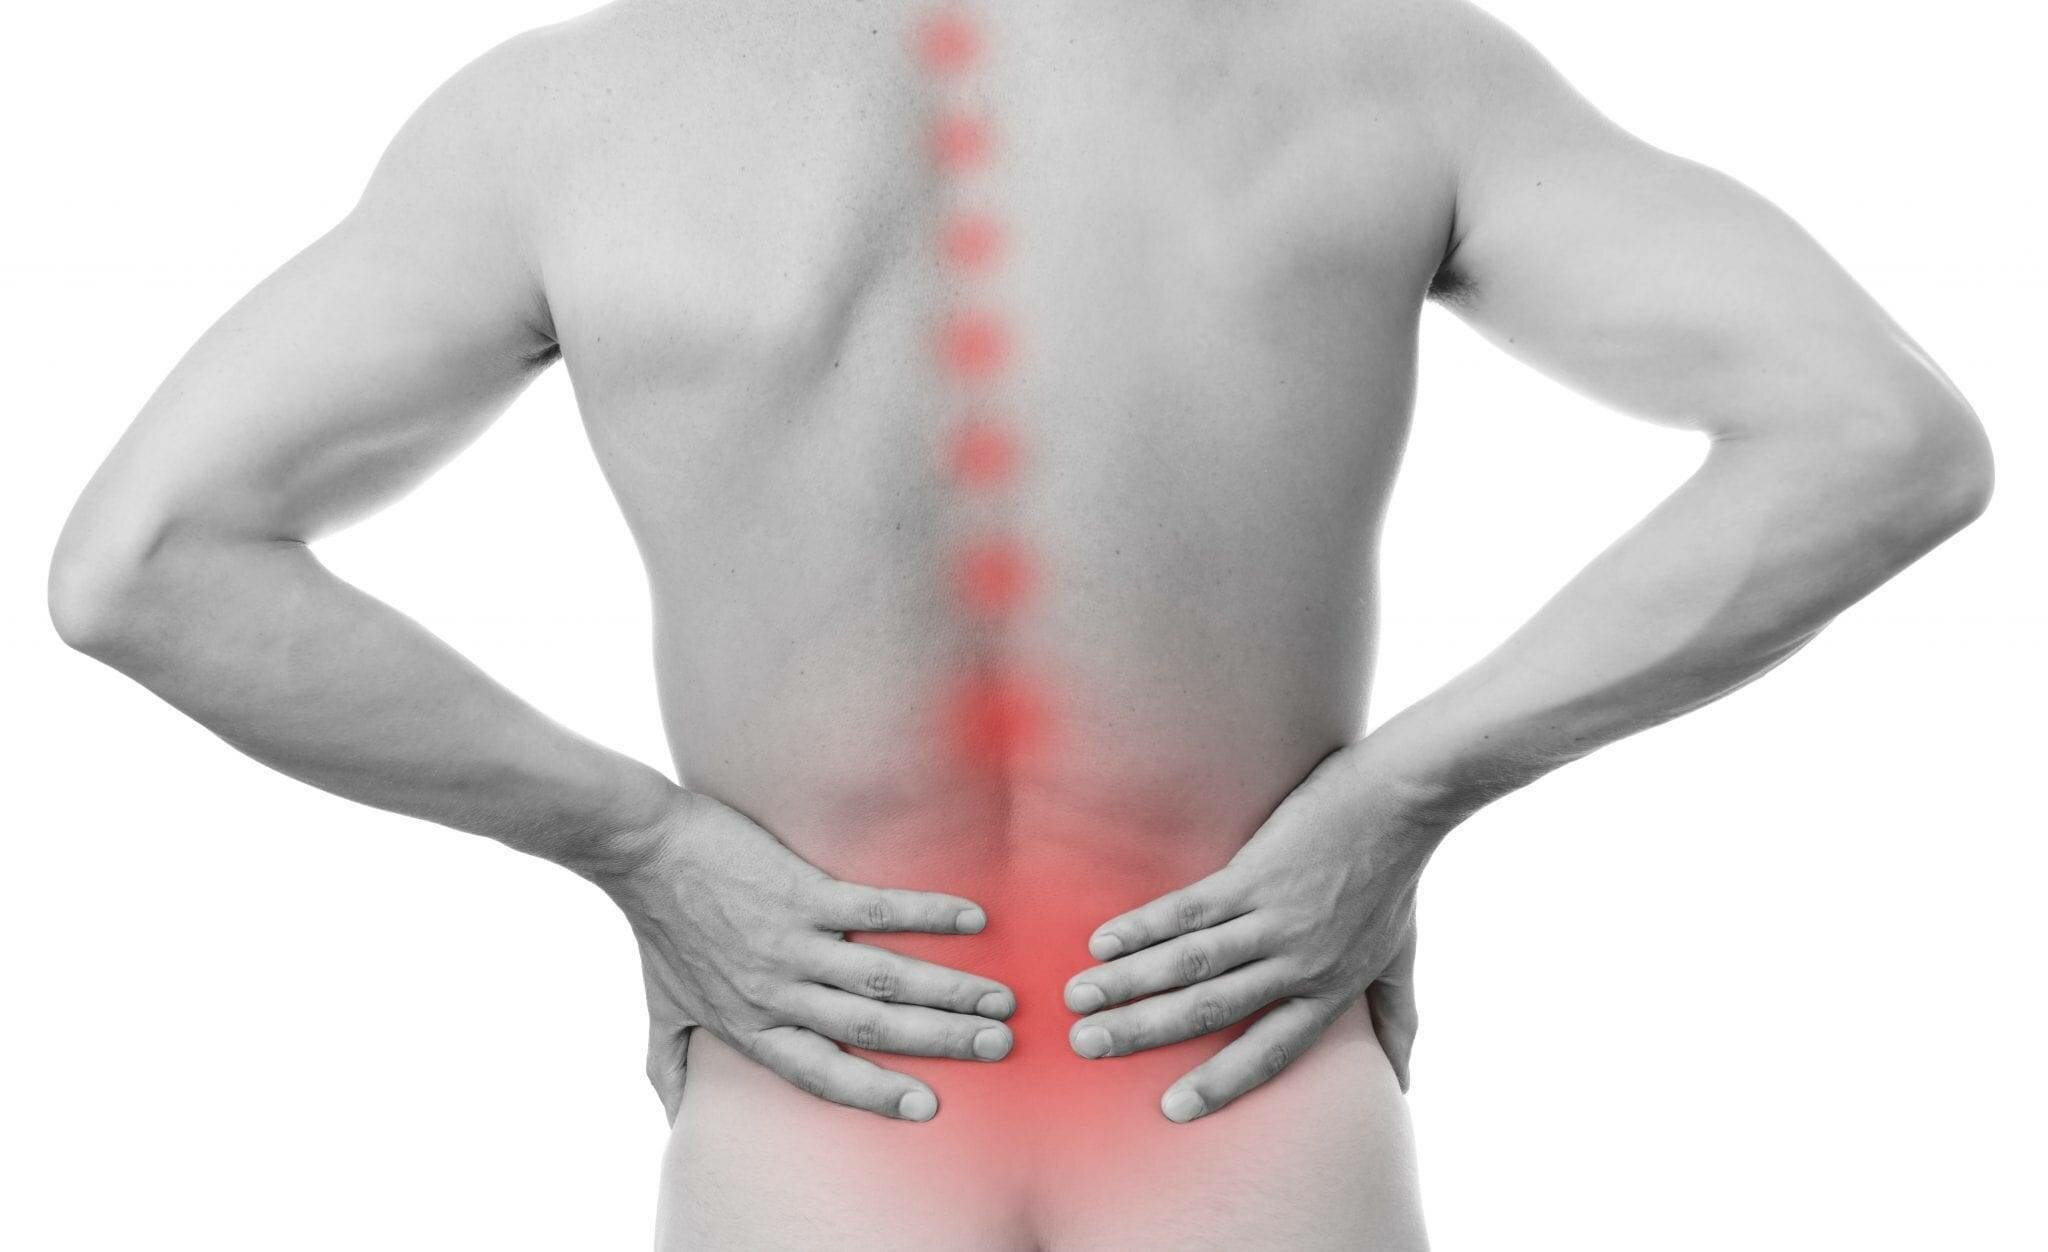 Боль в пояснице: причины, признаки, симптомы, лечение — симптомы